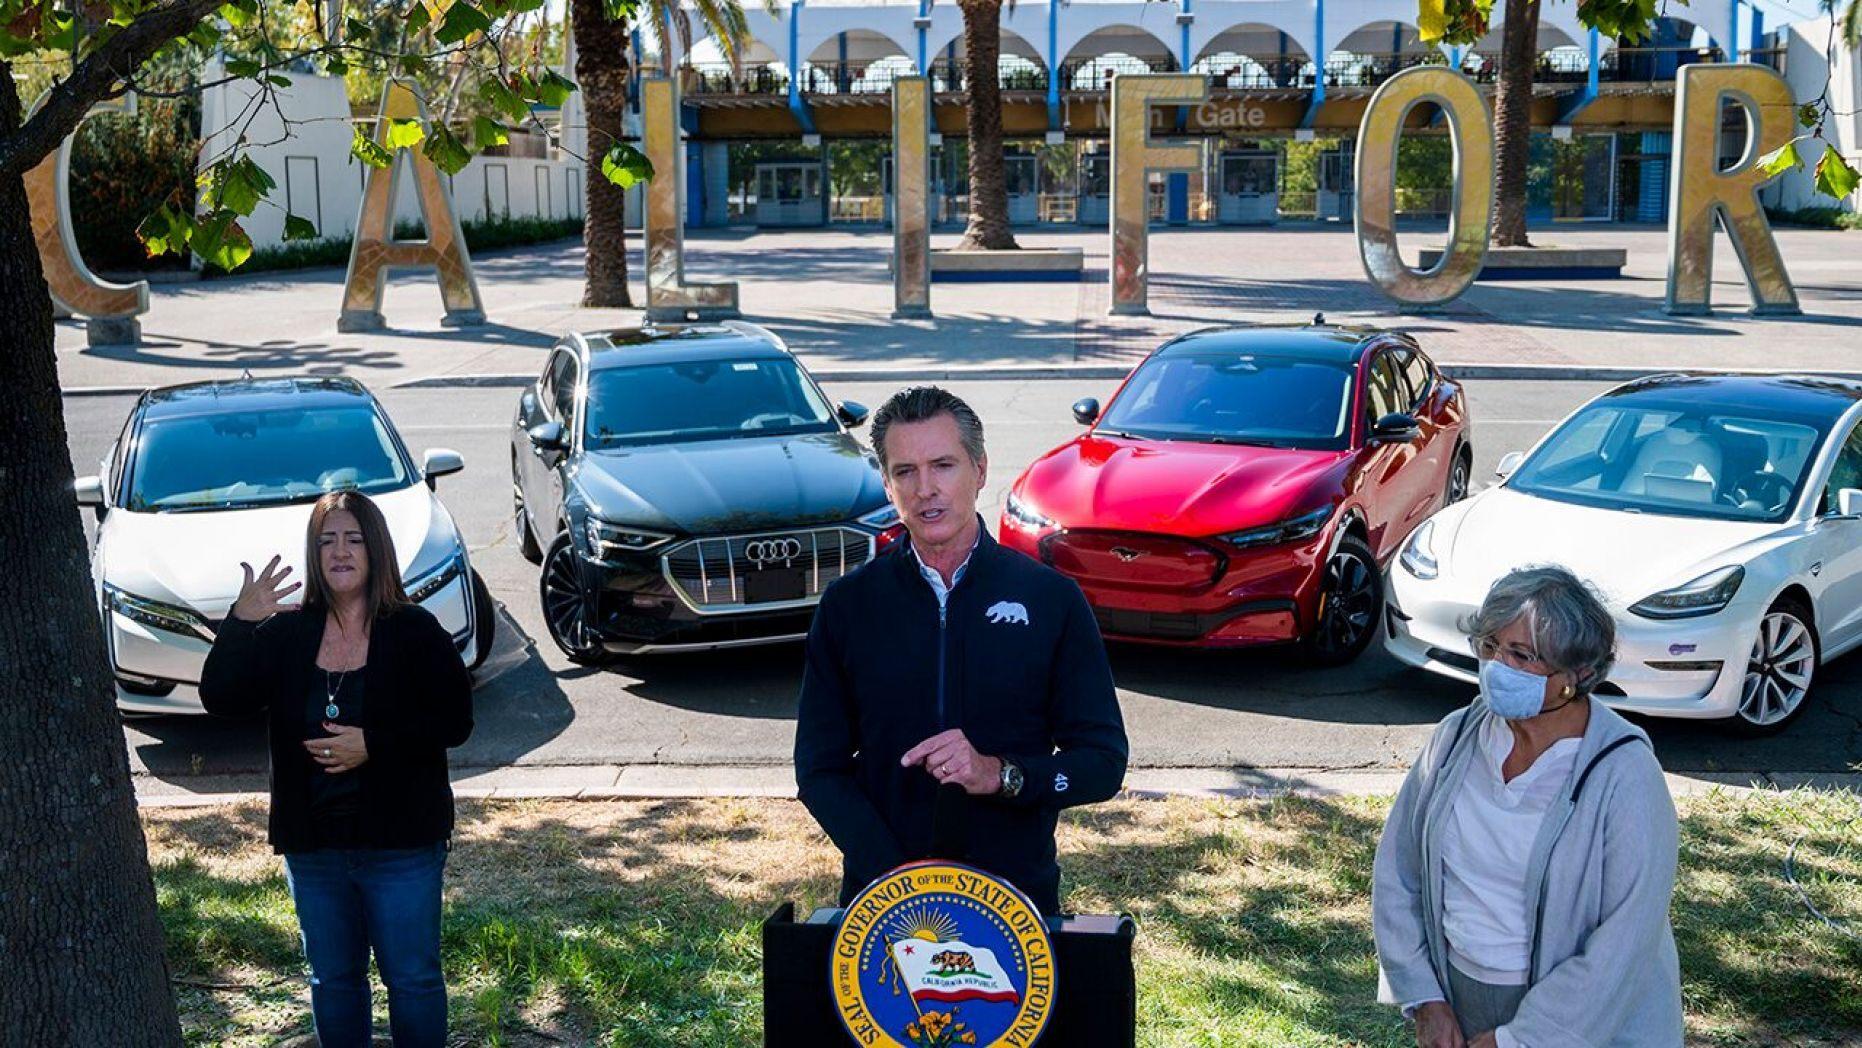 加州将从2035年起要求所有新车必须实现零排放